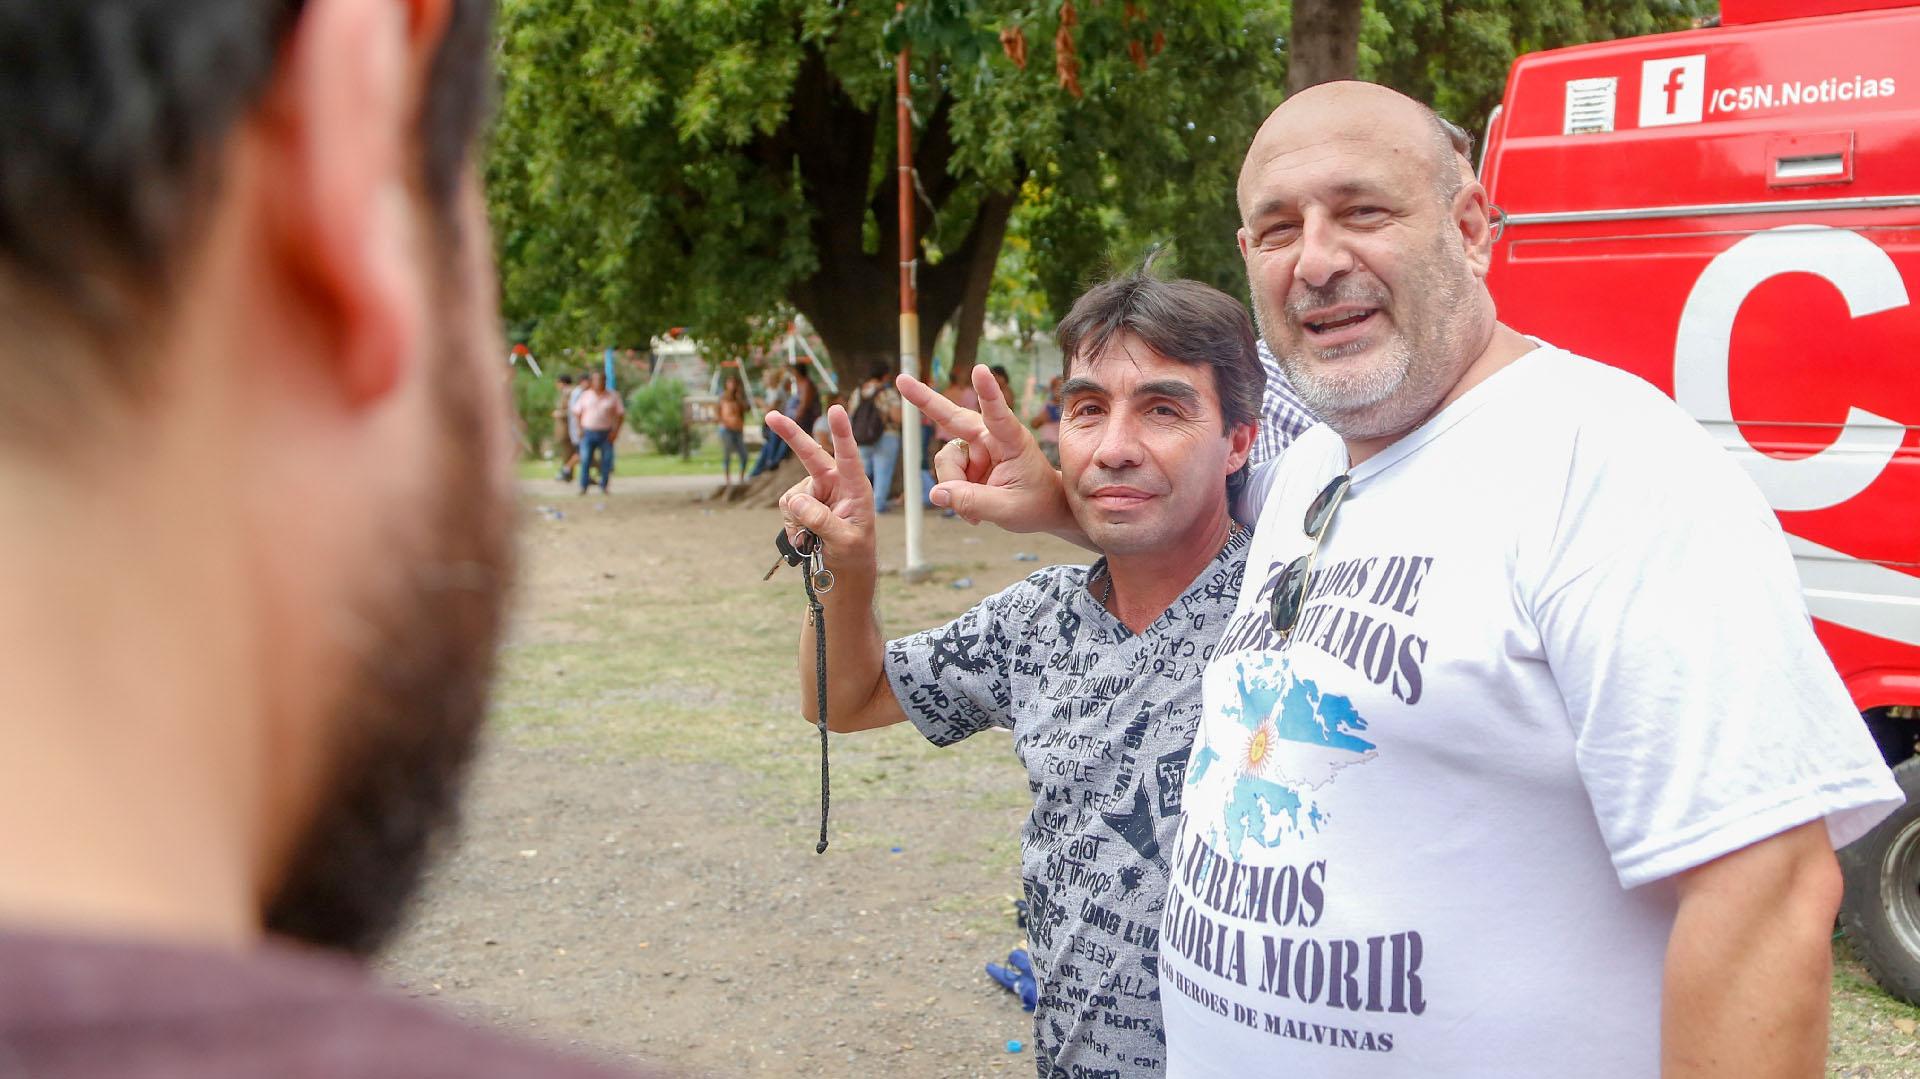 El periodista Santiago Cúneo quiere ser candidato a gobernador en Buenos Aires